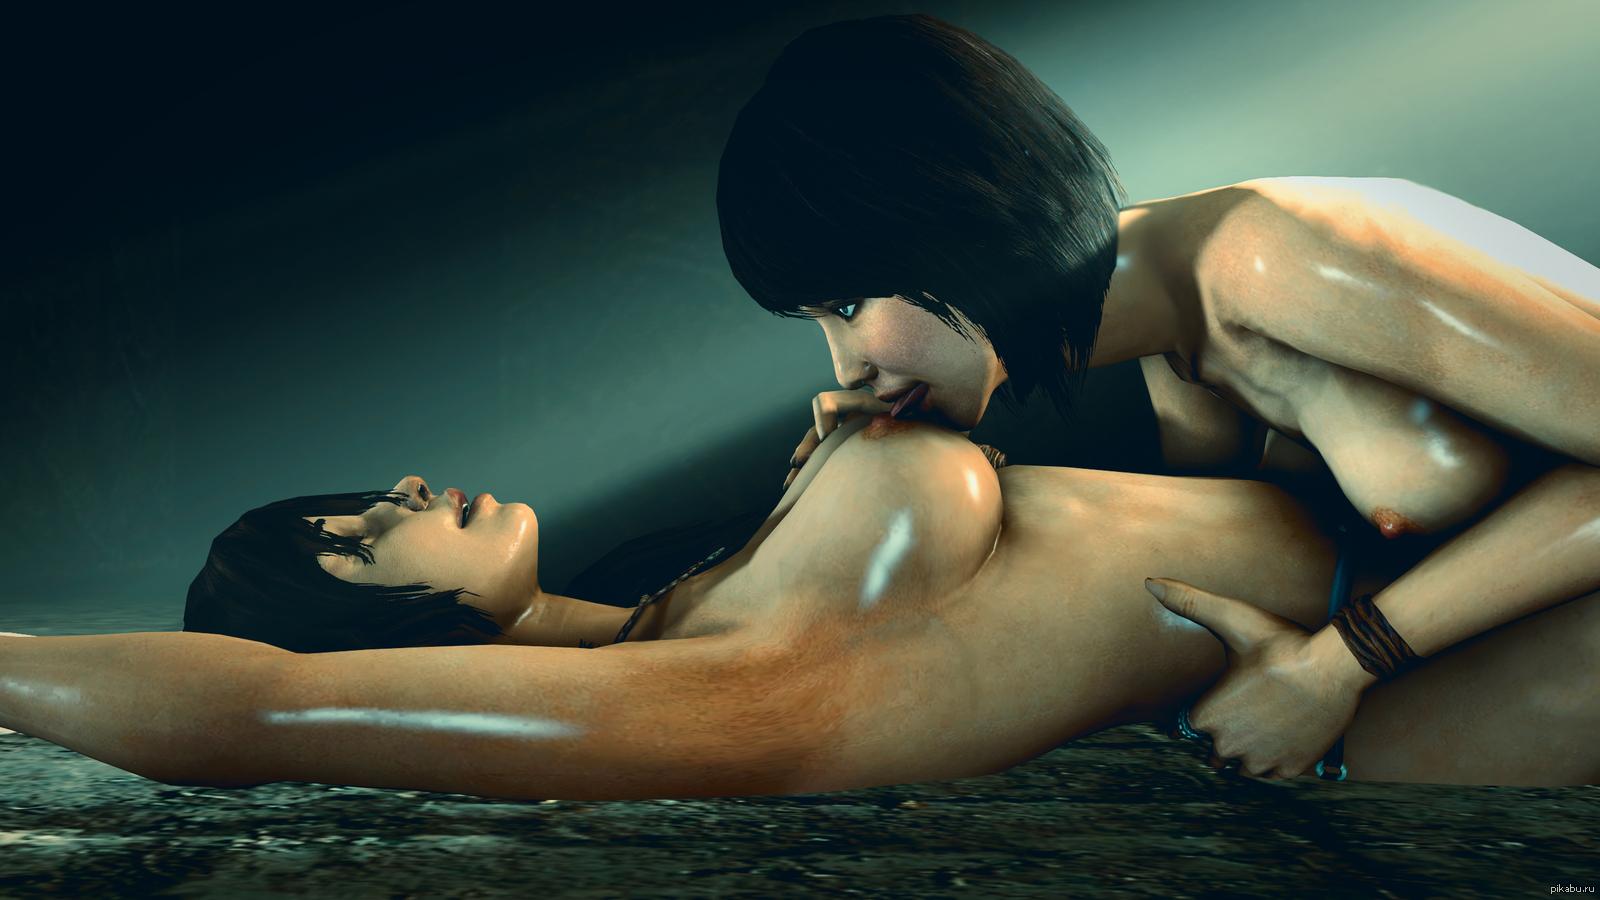 Lara croft lesbian hentai fucked photos